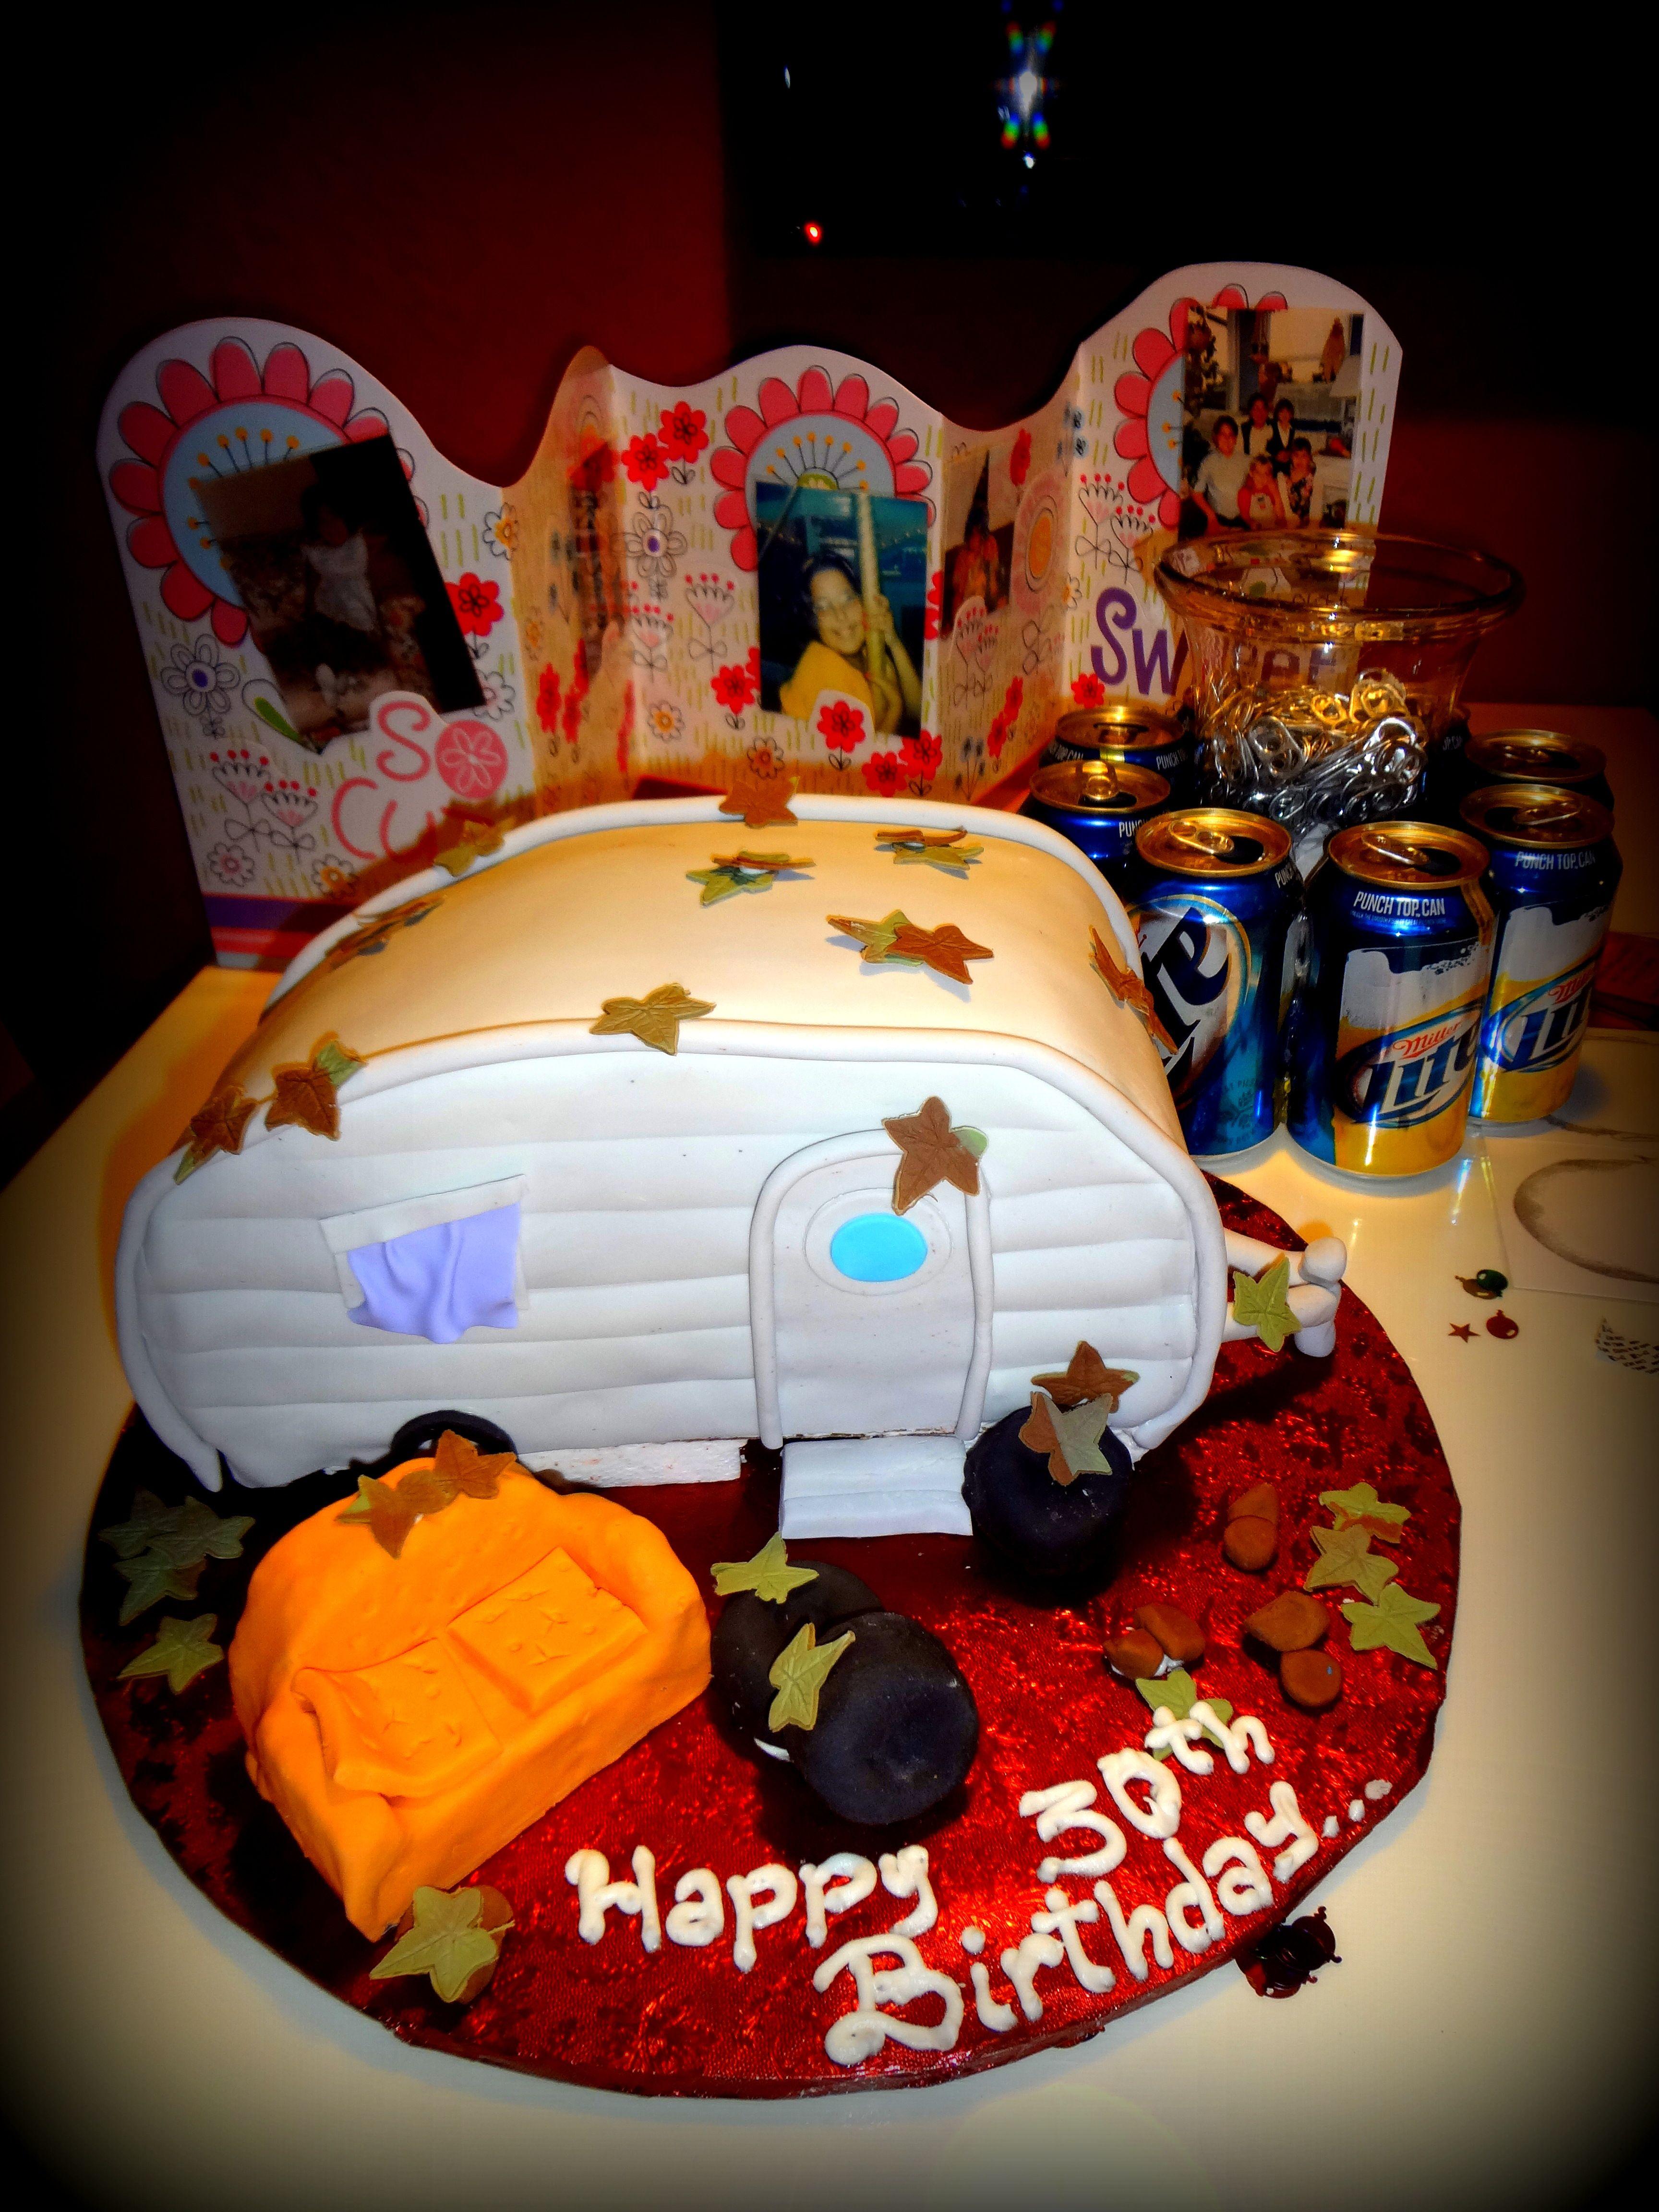 My Trailer Trash Bday Cake Thanks Cakes By Samira